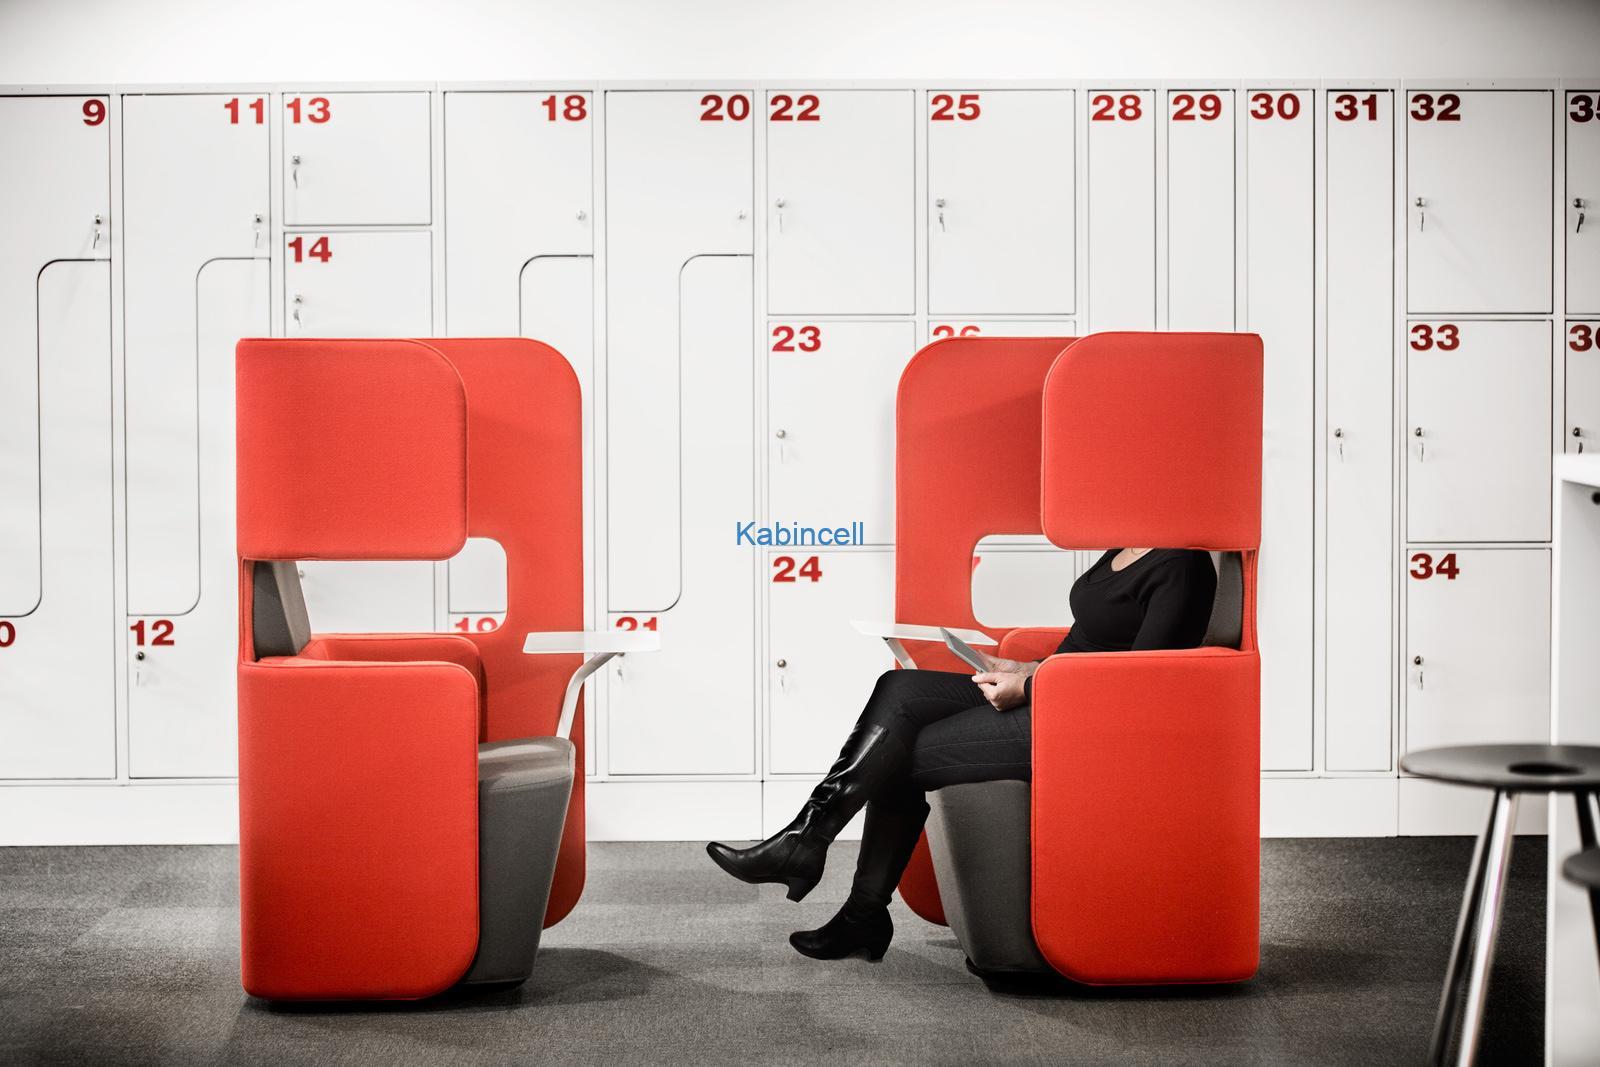 pod-seat-pod-sofa-akustik-ofis-koltugu9